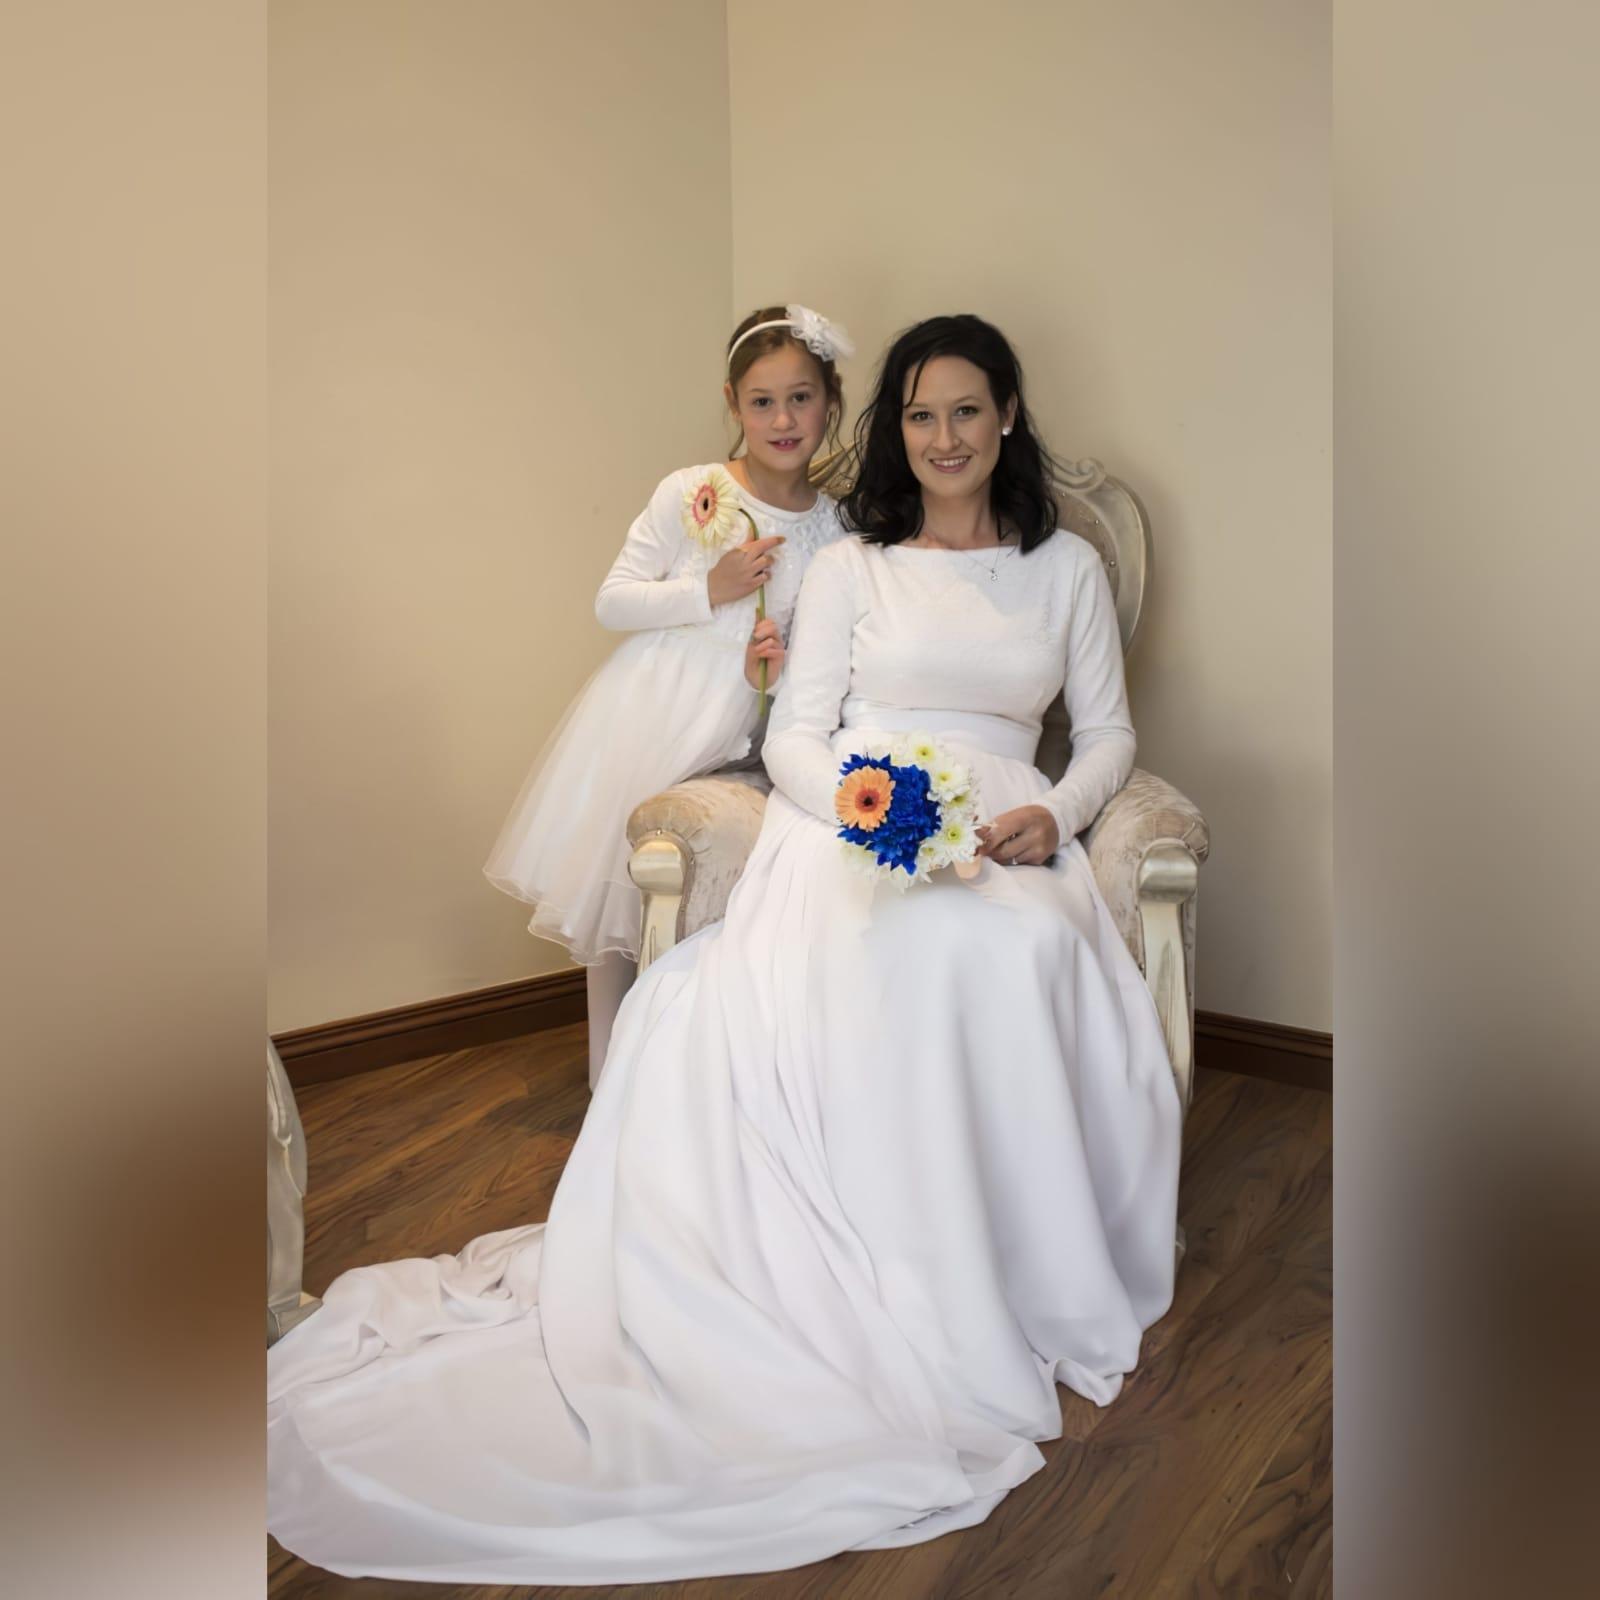 Vestido de noiva simples de 2 peças branco fluido 8 vestido de noiva simples de 2 peças branco fluido. Um corpete bodysuit de renda justo com mangas compridas e decote em jóia. Saia longa larga e fluida, com uma camada de chiffon e uma longa cauda.